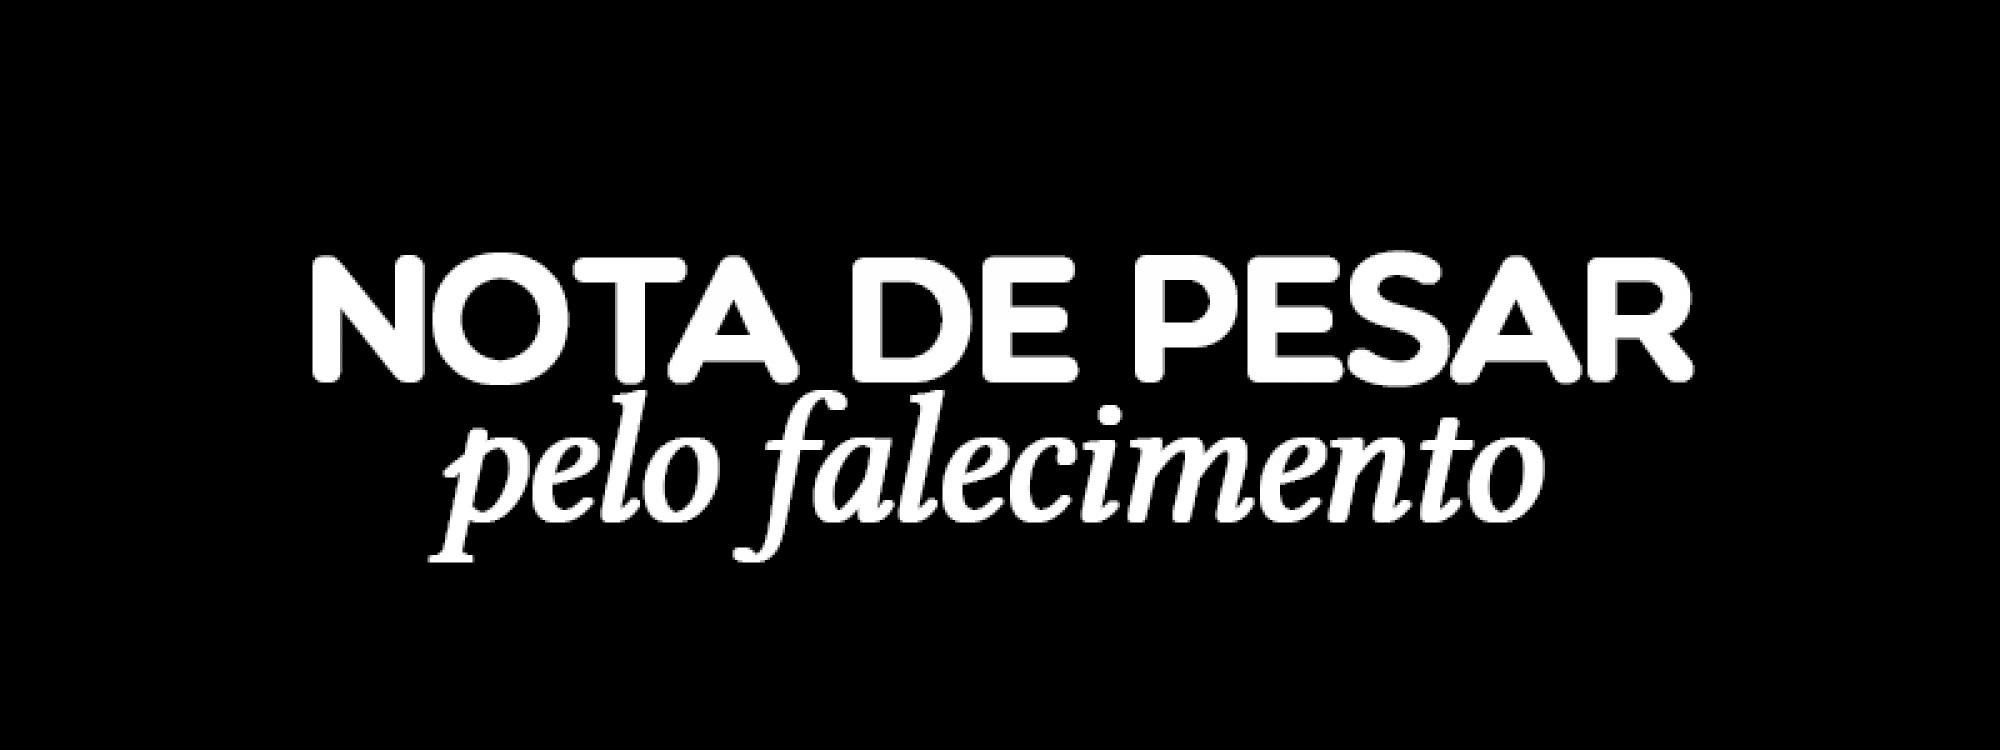 Nota de pesar pelo falecimento do pai do professor Guilherme Graciano, do SindUTE